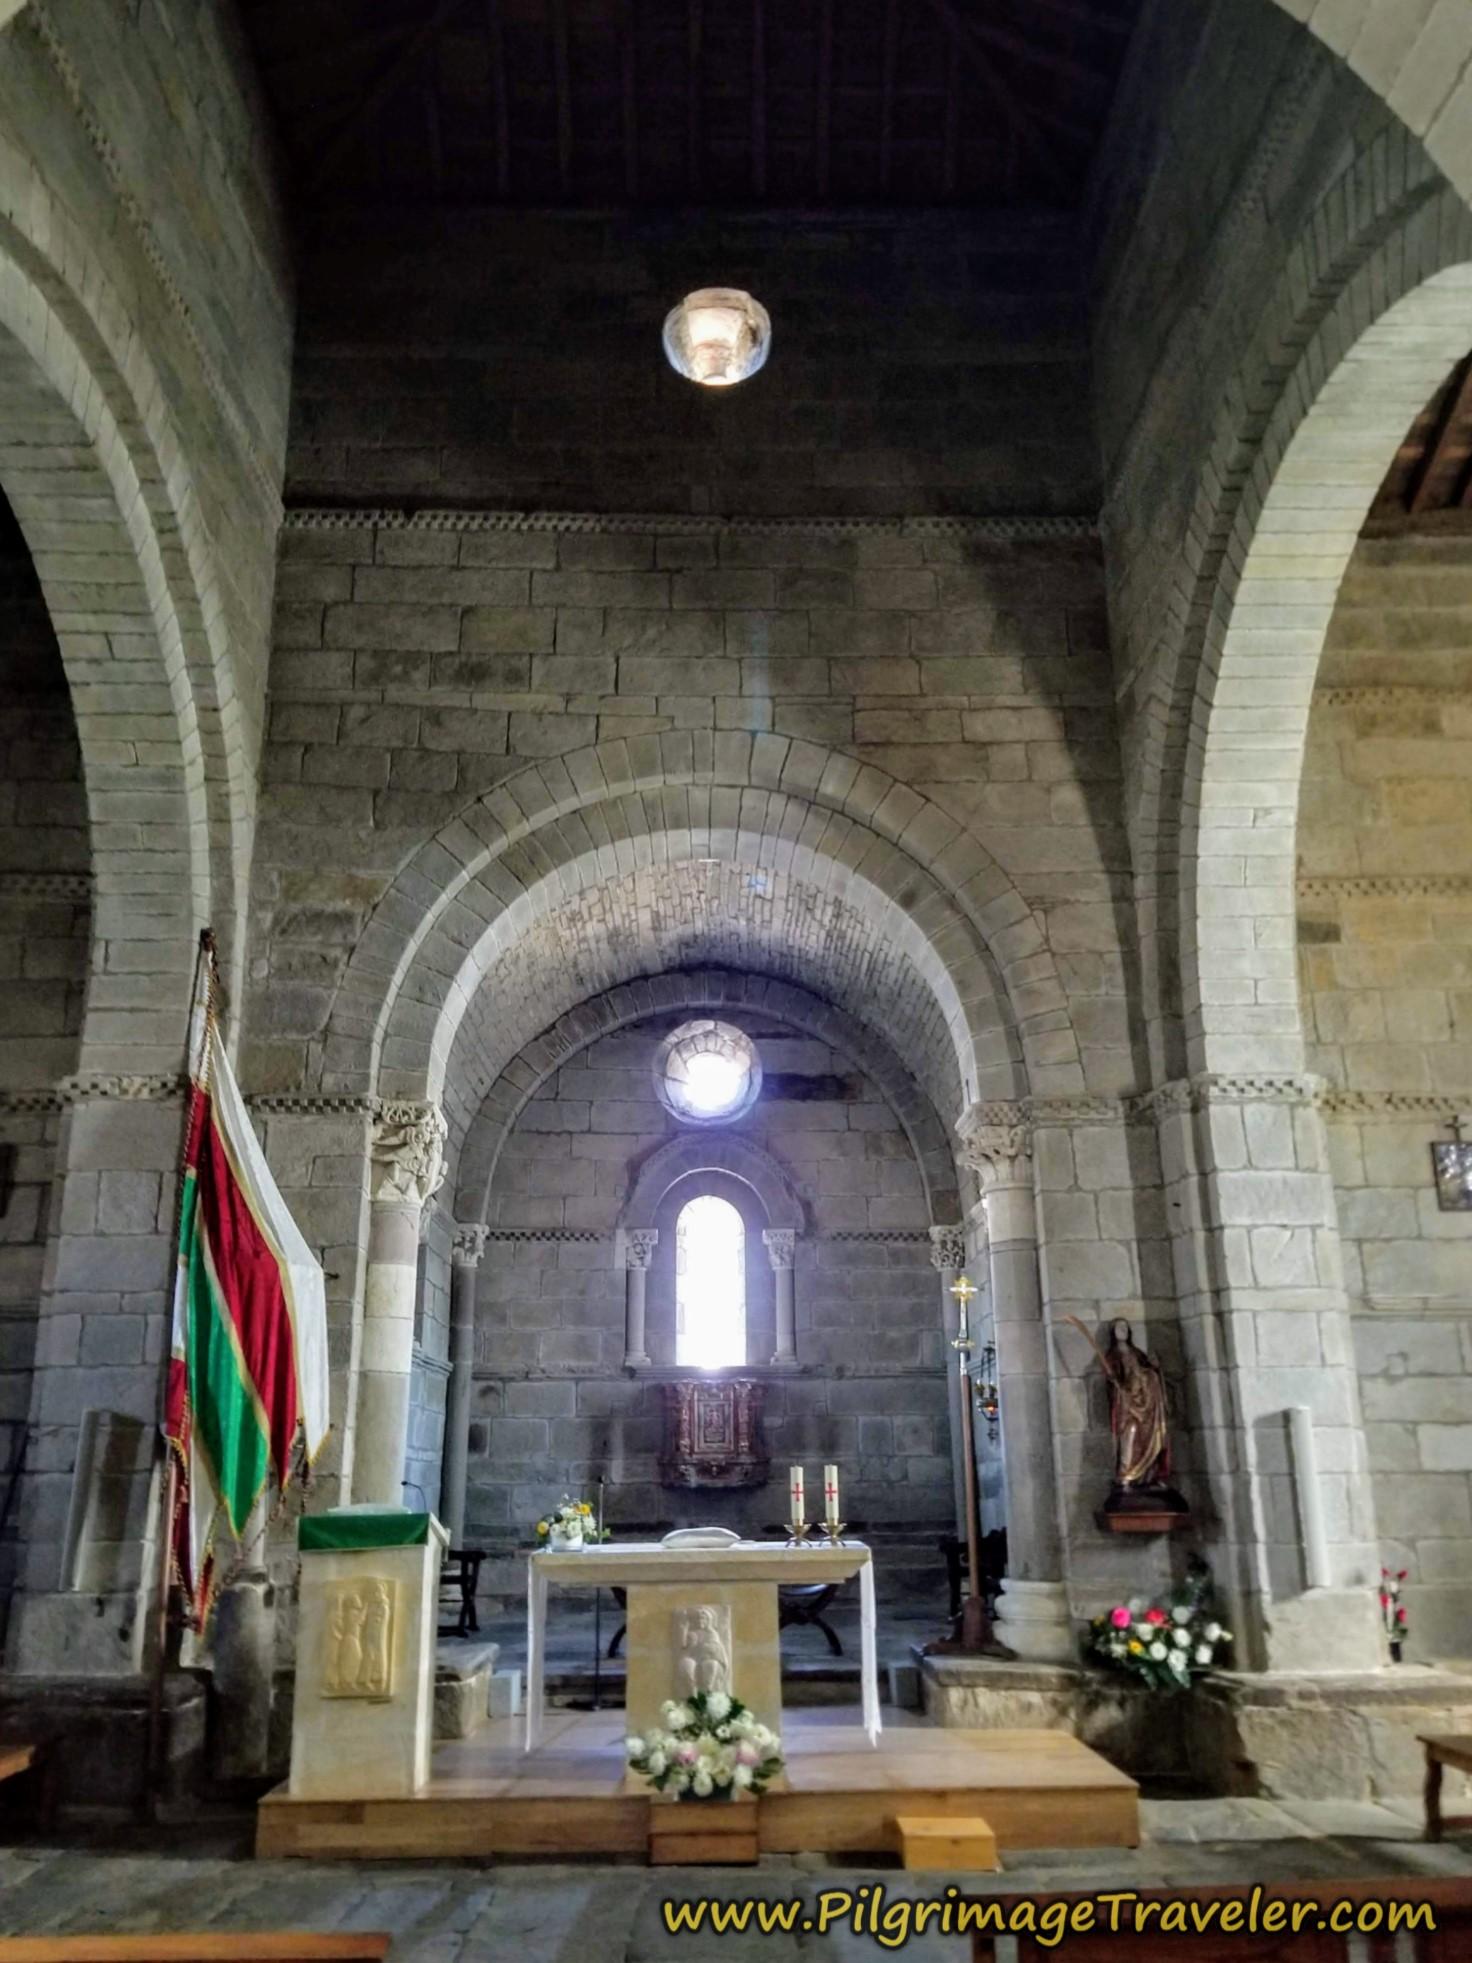 Altar of the Iglesia de Santa Marta de Tera